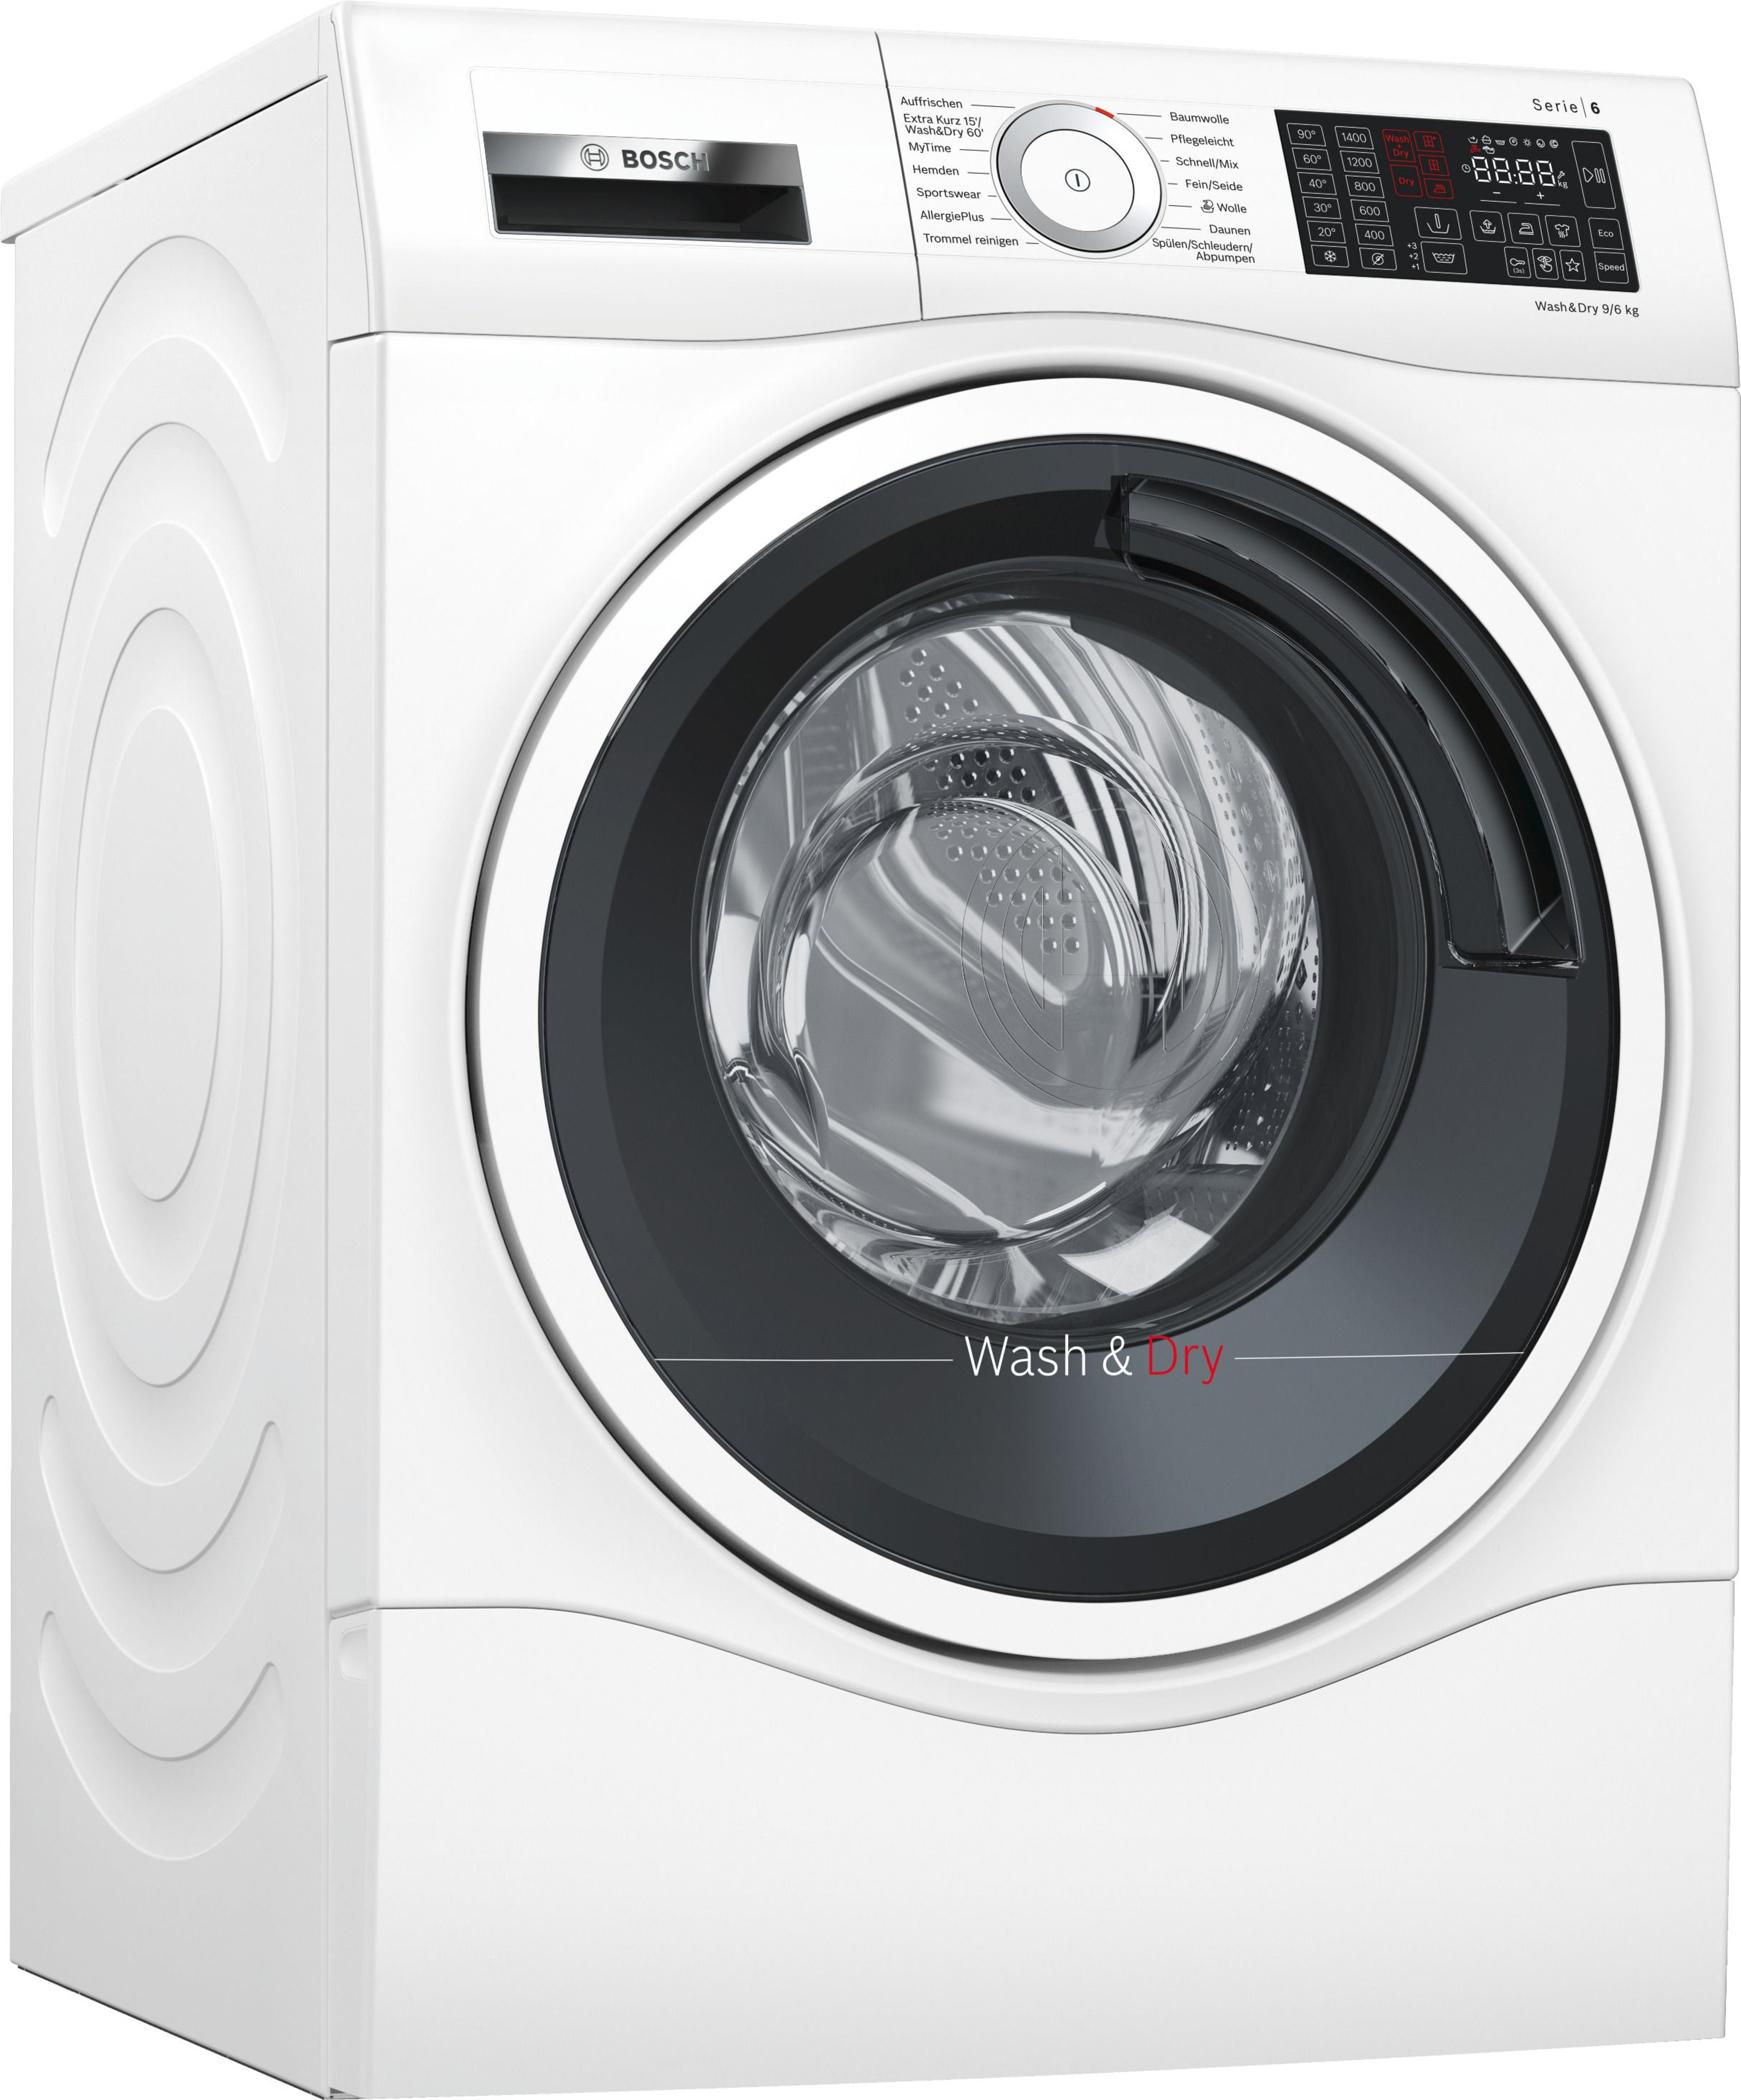 Waschtrockner liegen im Trend. Platz 1 für Bosch bei Stiftung Warentest.